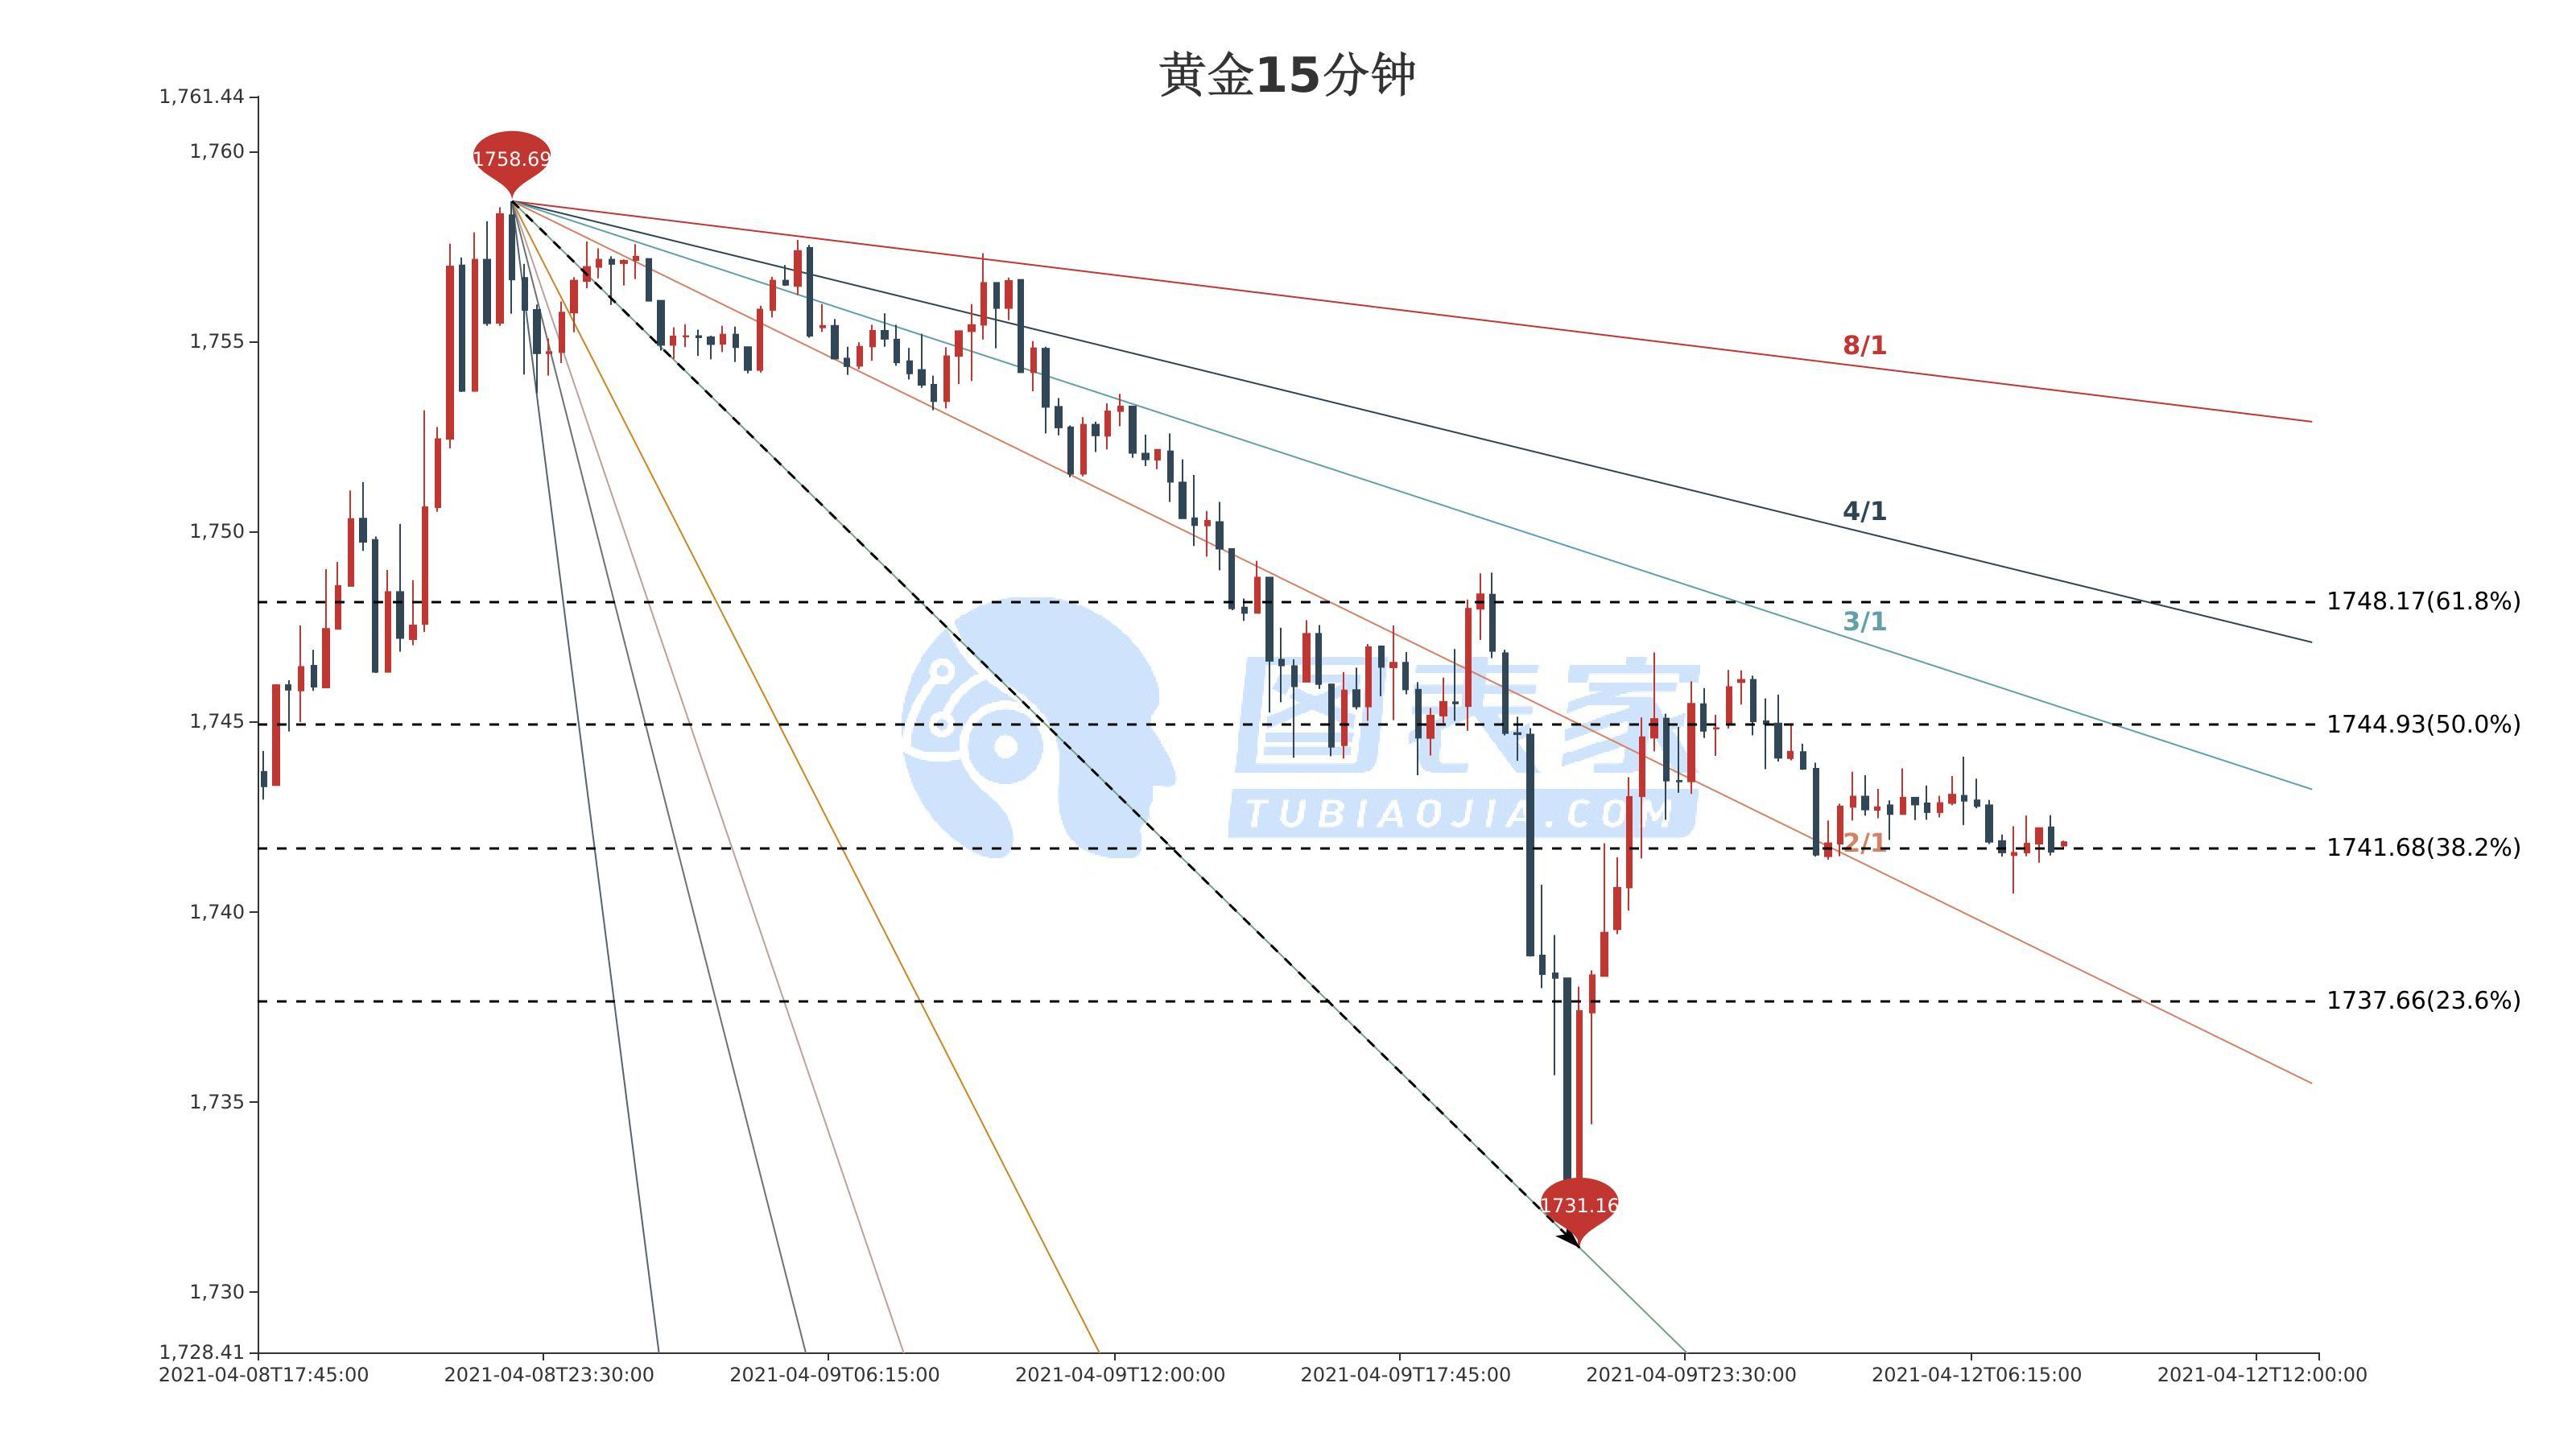 今日黄金走势分析:现货黄金突破1741.68,上涨目标见1744.93